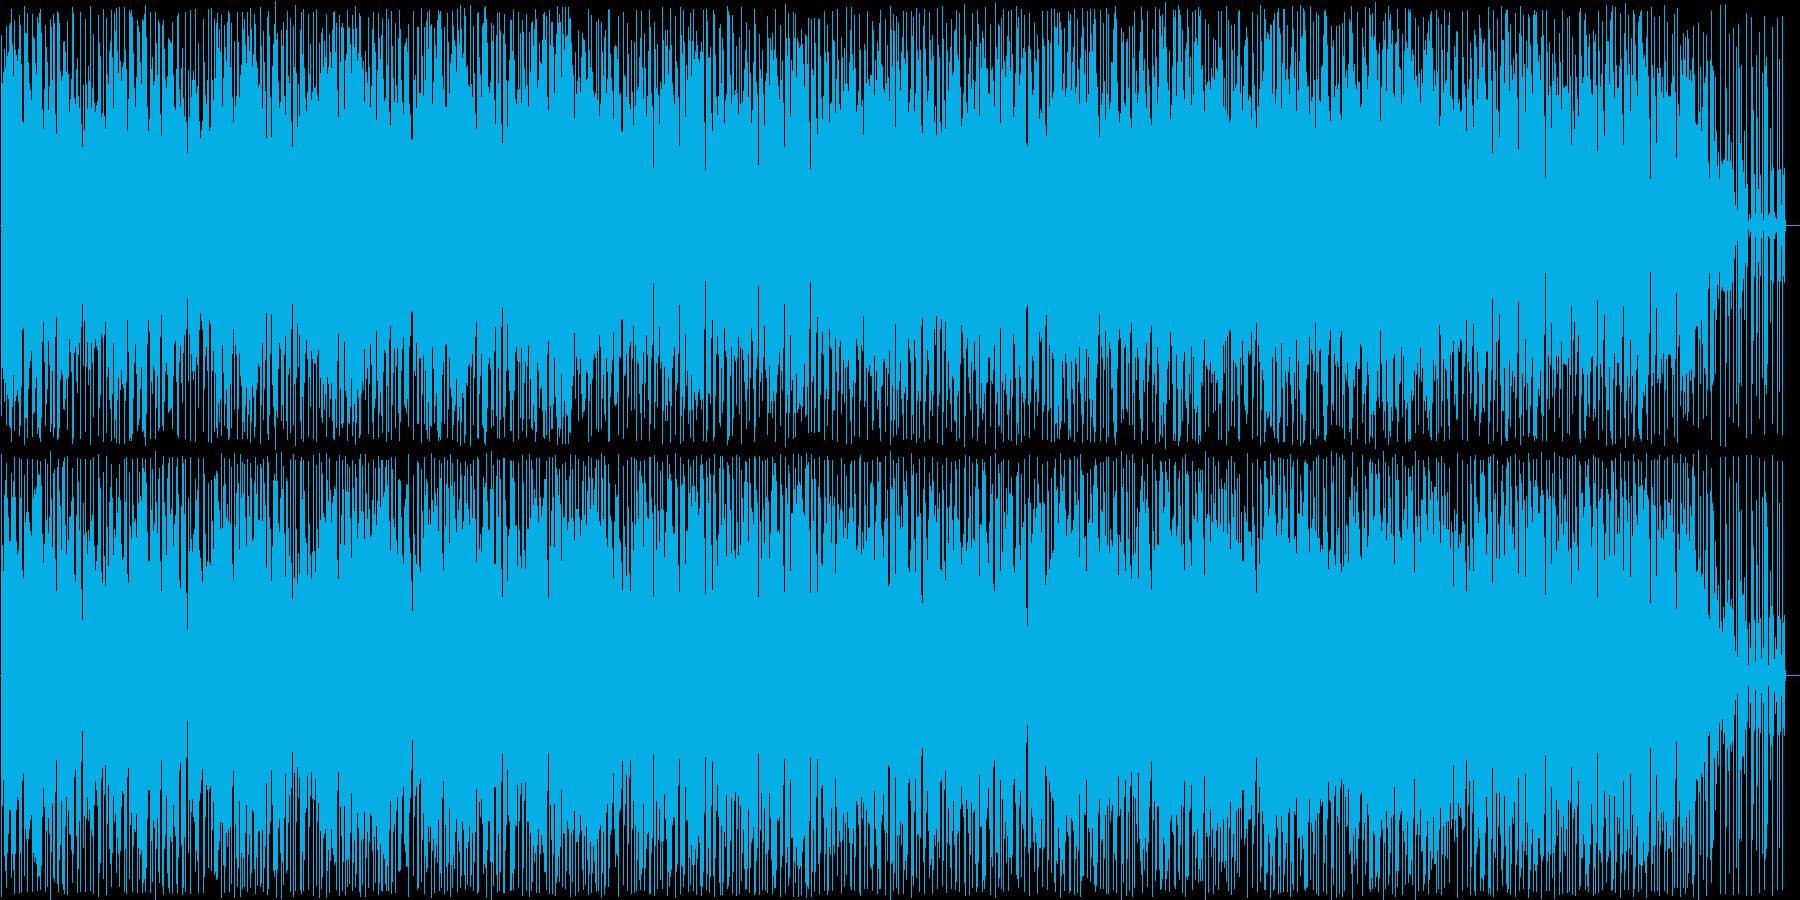 軽やかなピアノのポップス曲の再生済みの波形